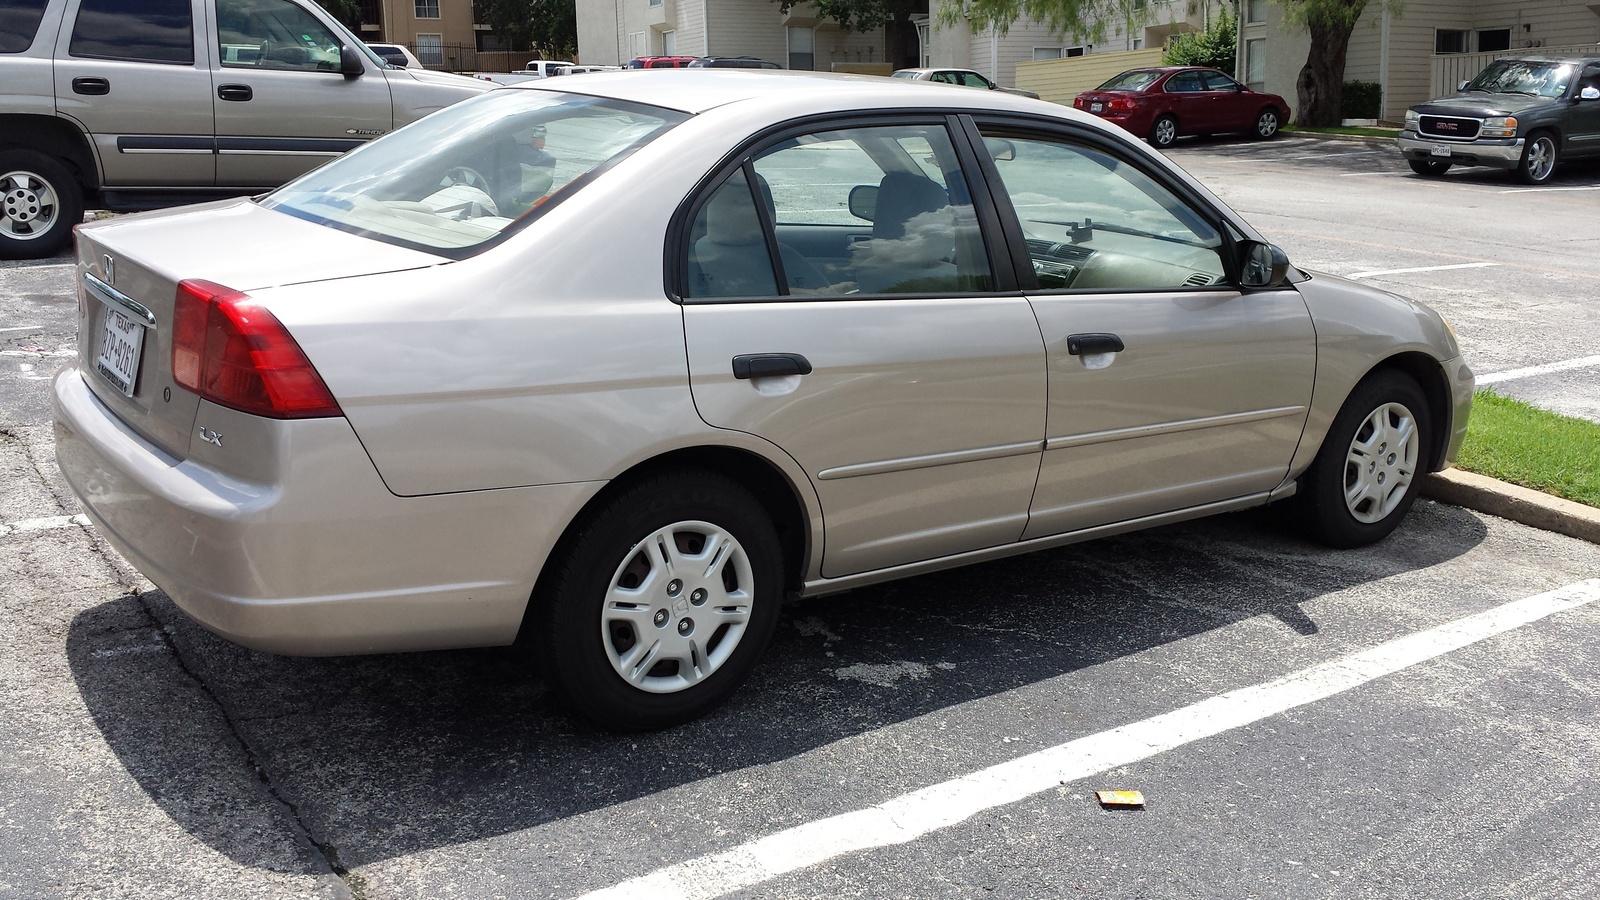 2001 Honda Civic - Exterior Pictures - CarGurus